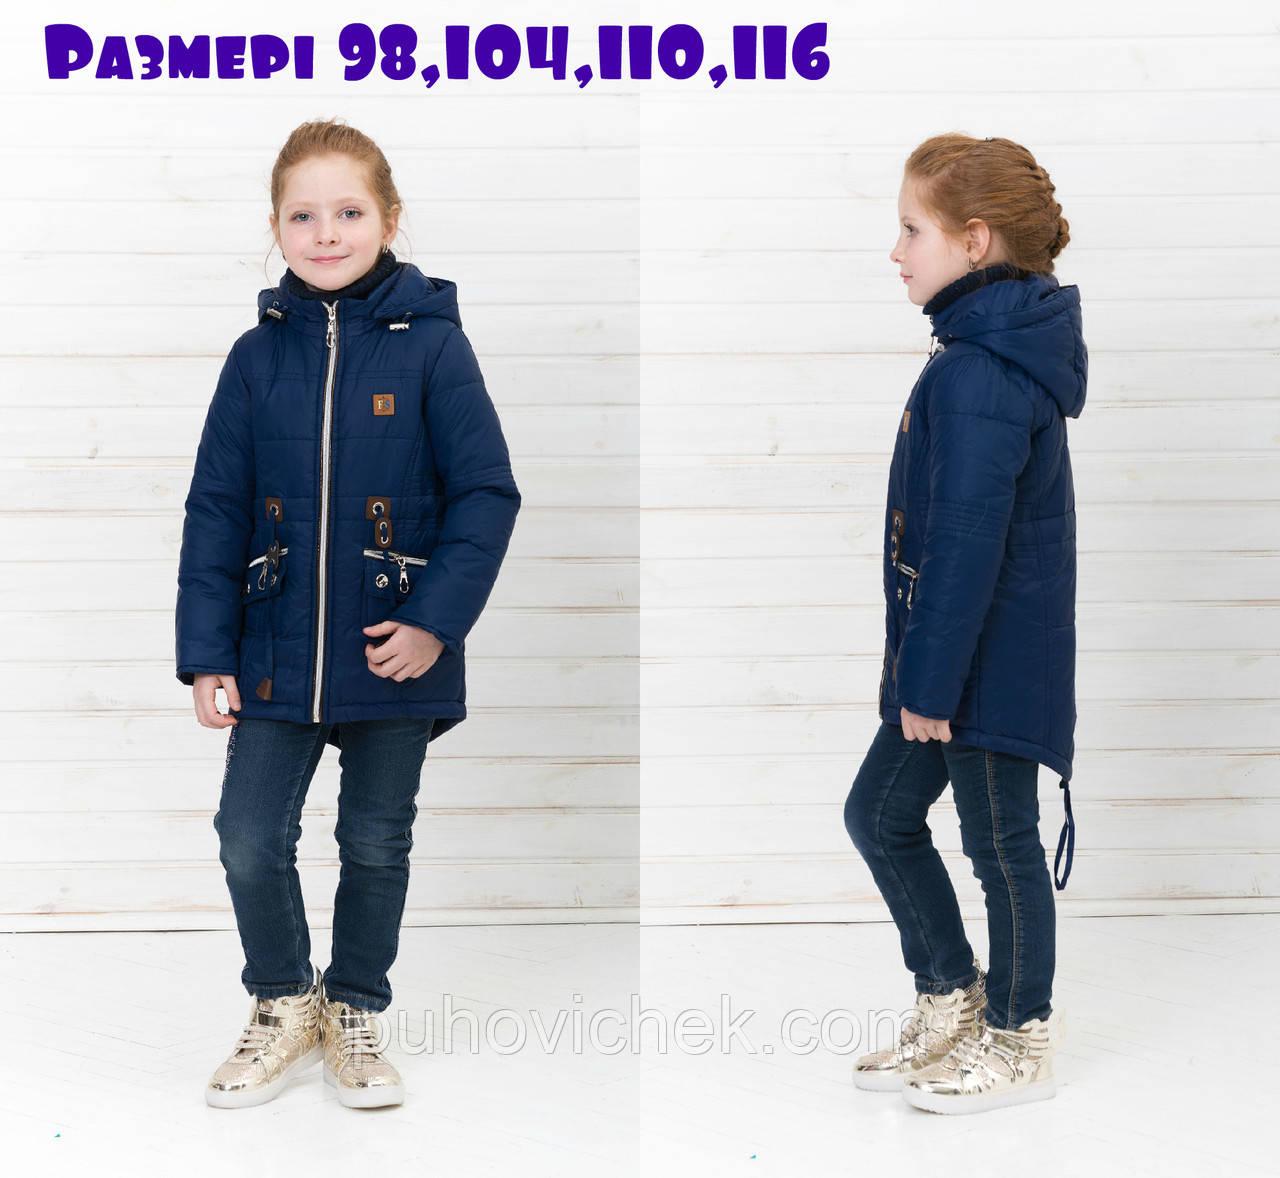 Модные весенние курточки и плащи для девочек